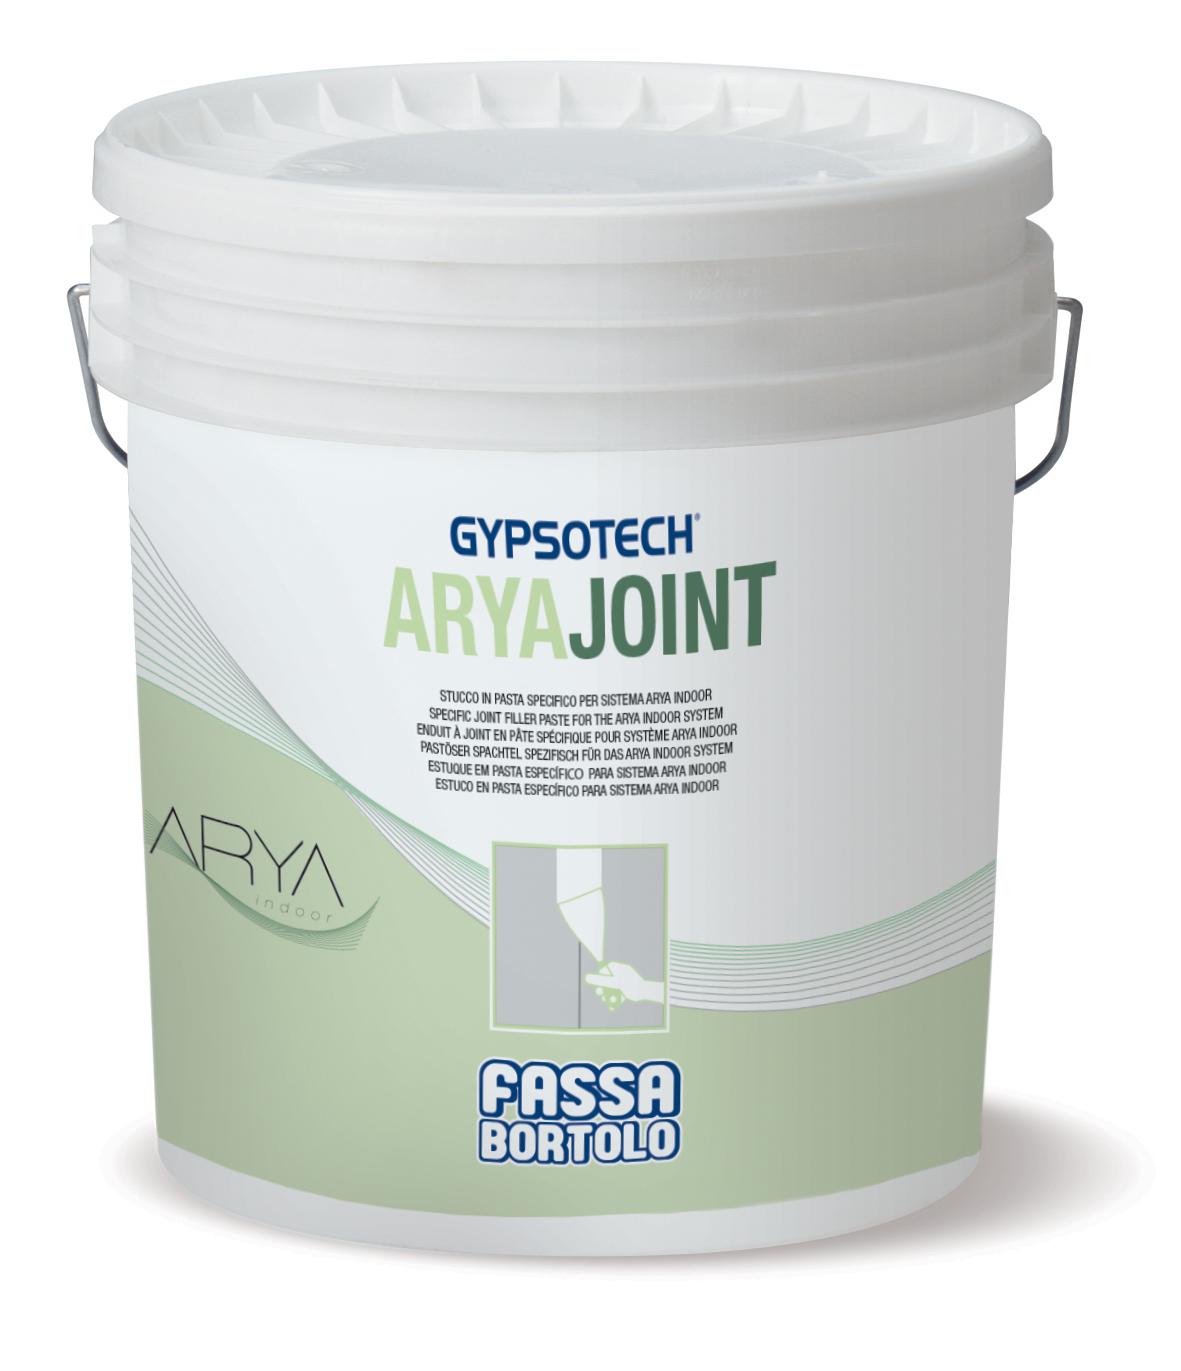 ARYAJOINT: Enduit à joint en pâte prêt à l'emploi pour Système ARYAindoor